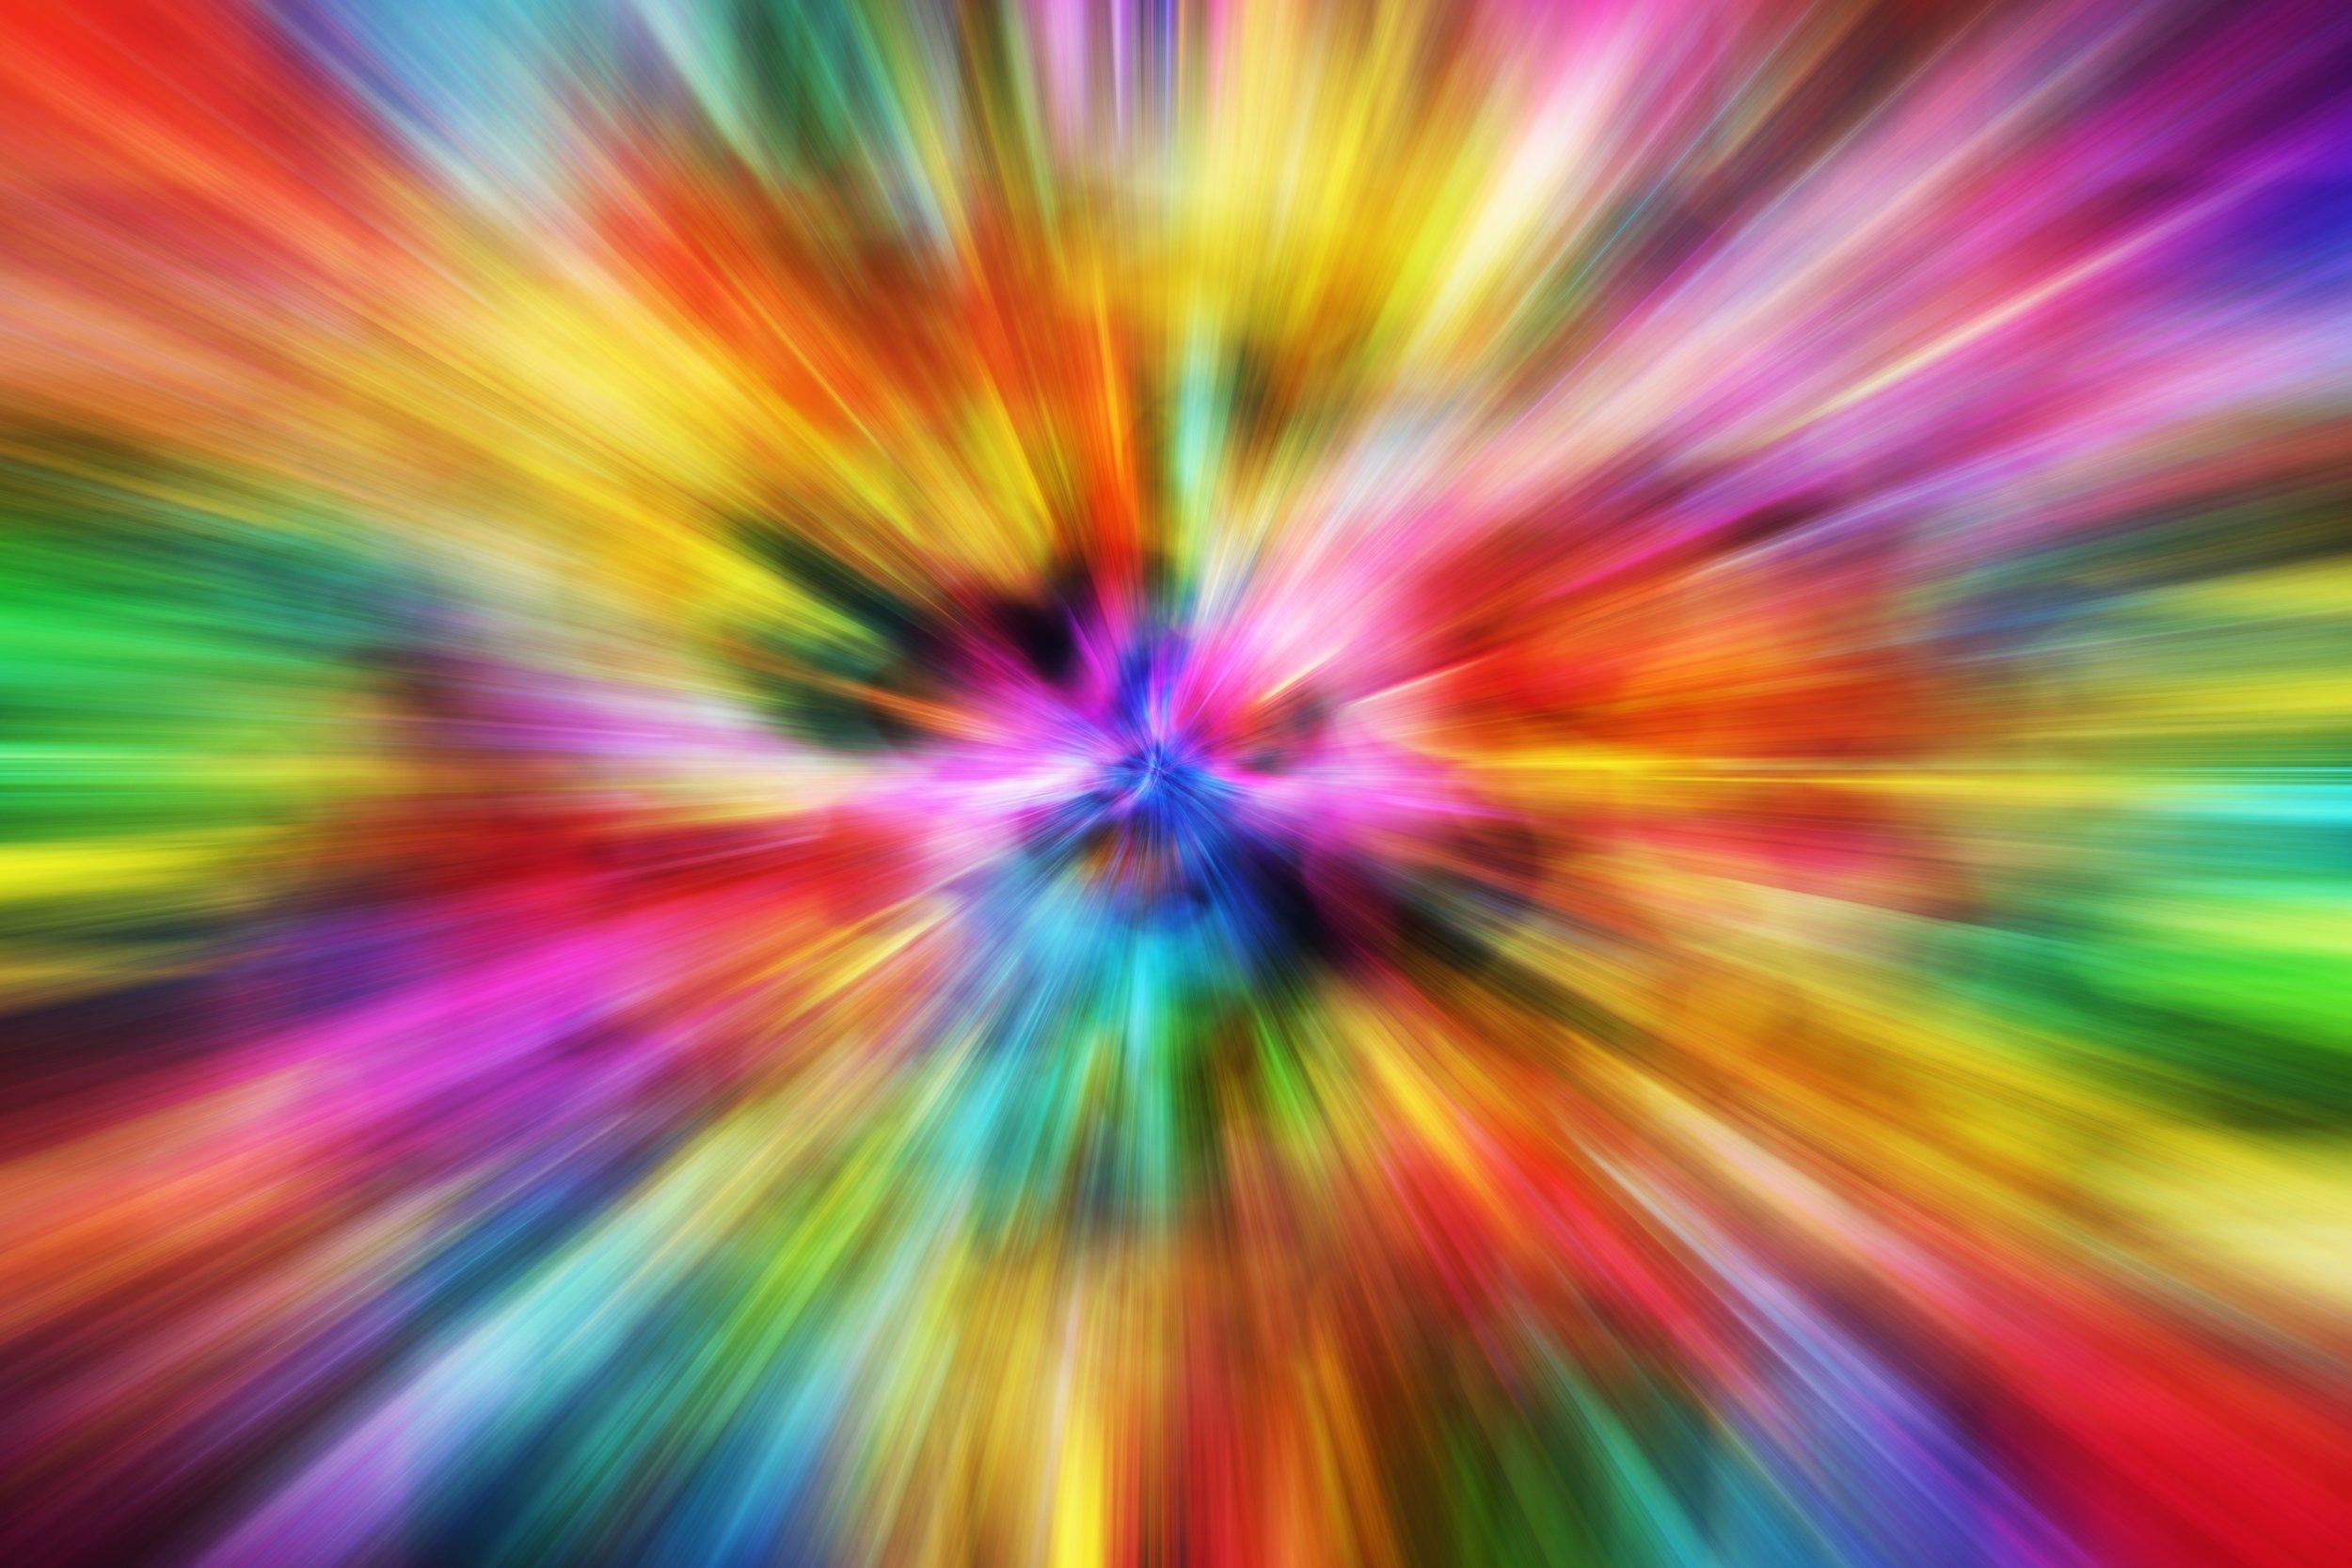 Colorful Motion Blur